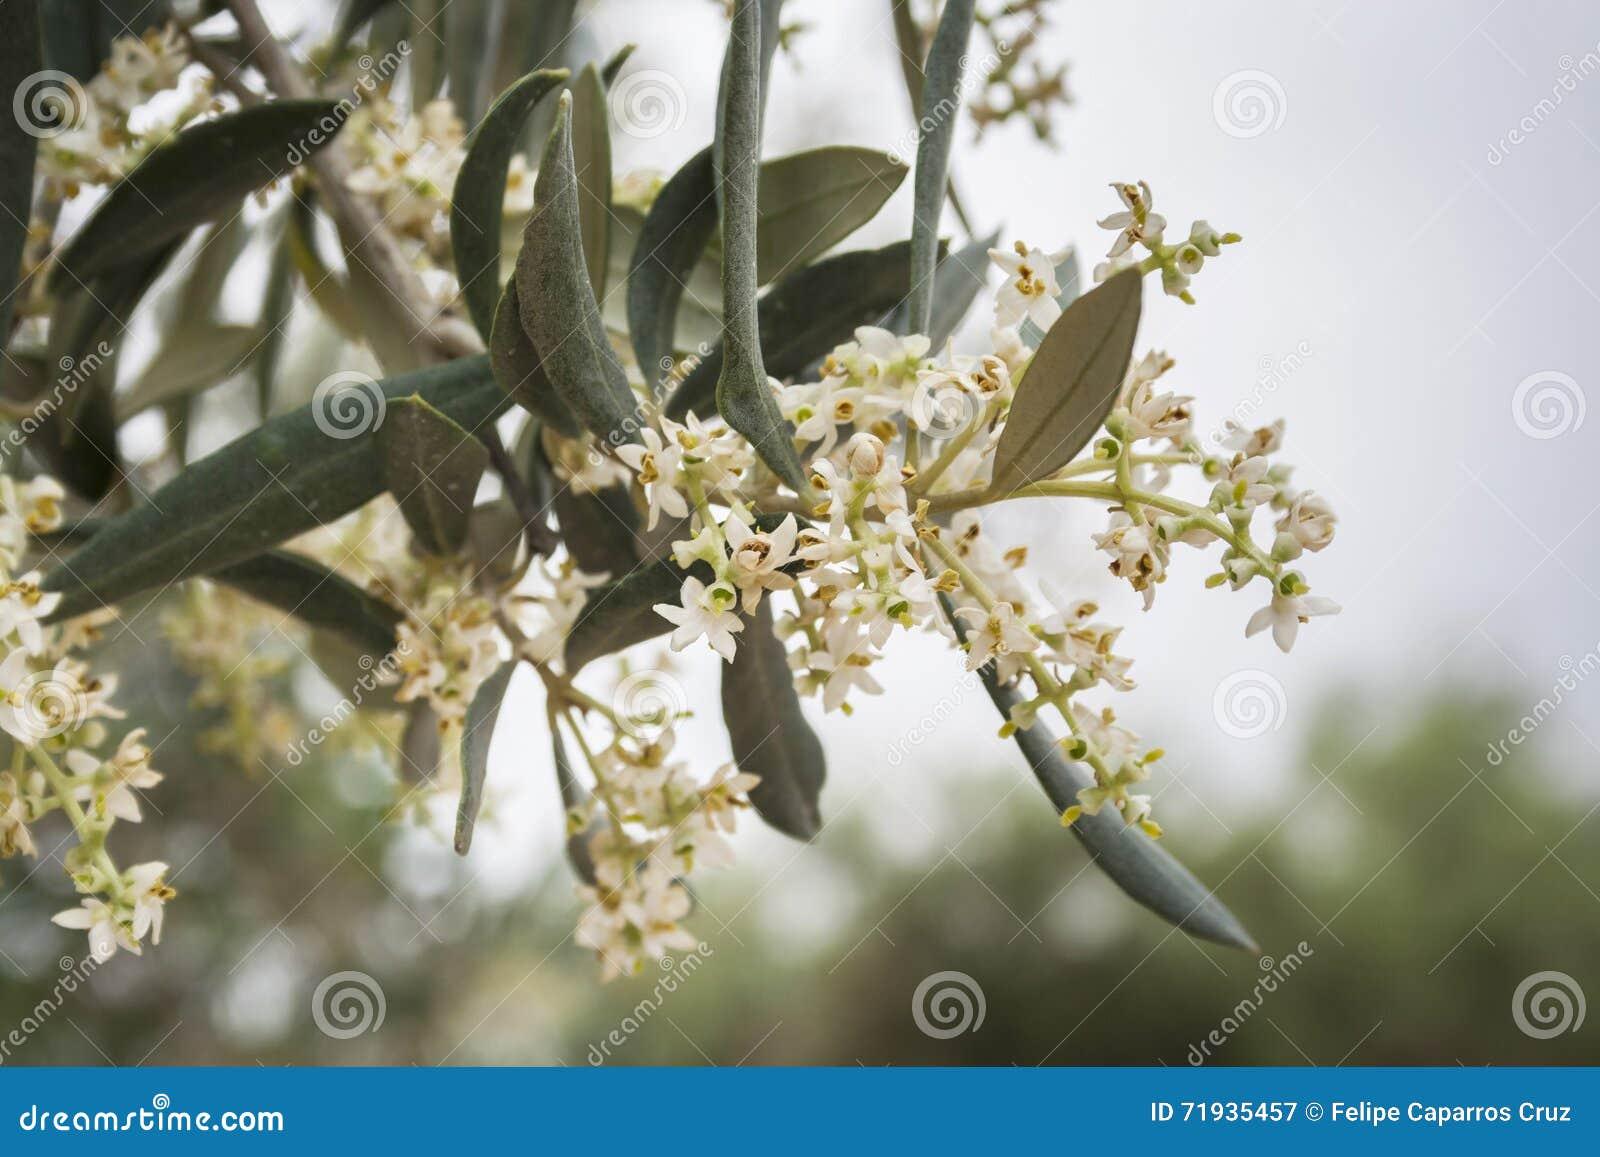 Деталь ветви оливкового дерева в цвести во время весны